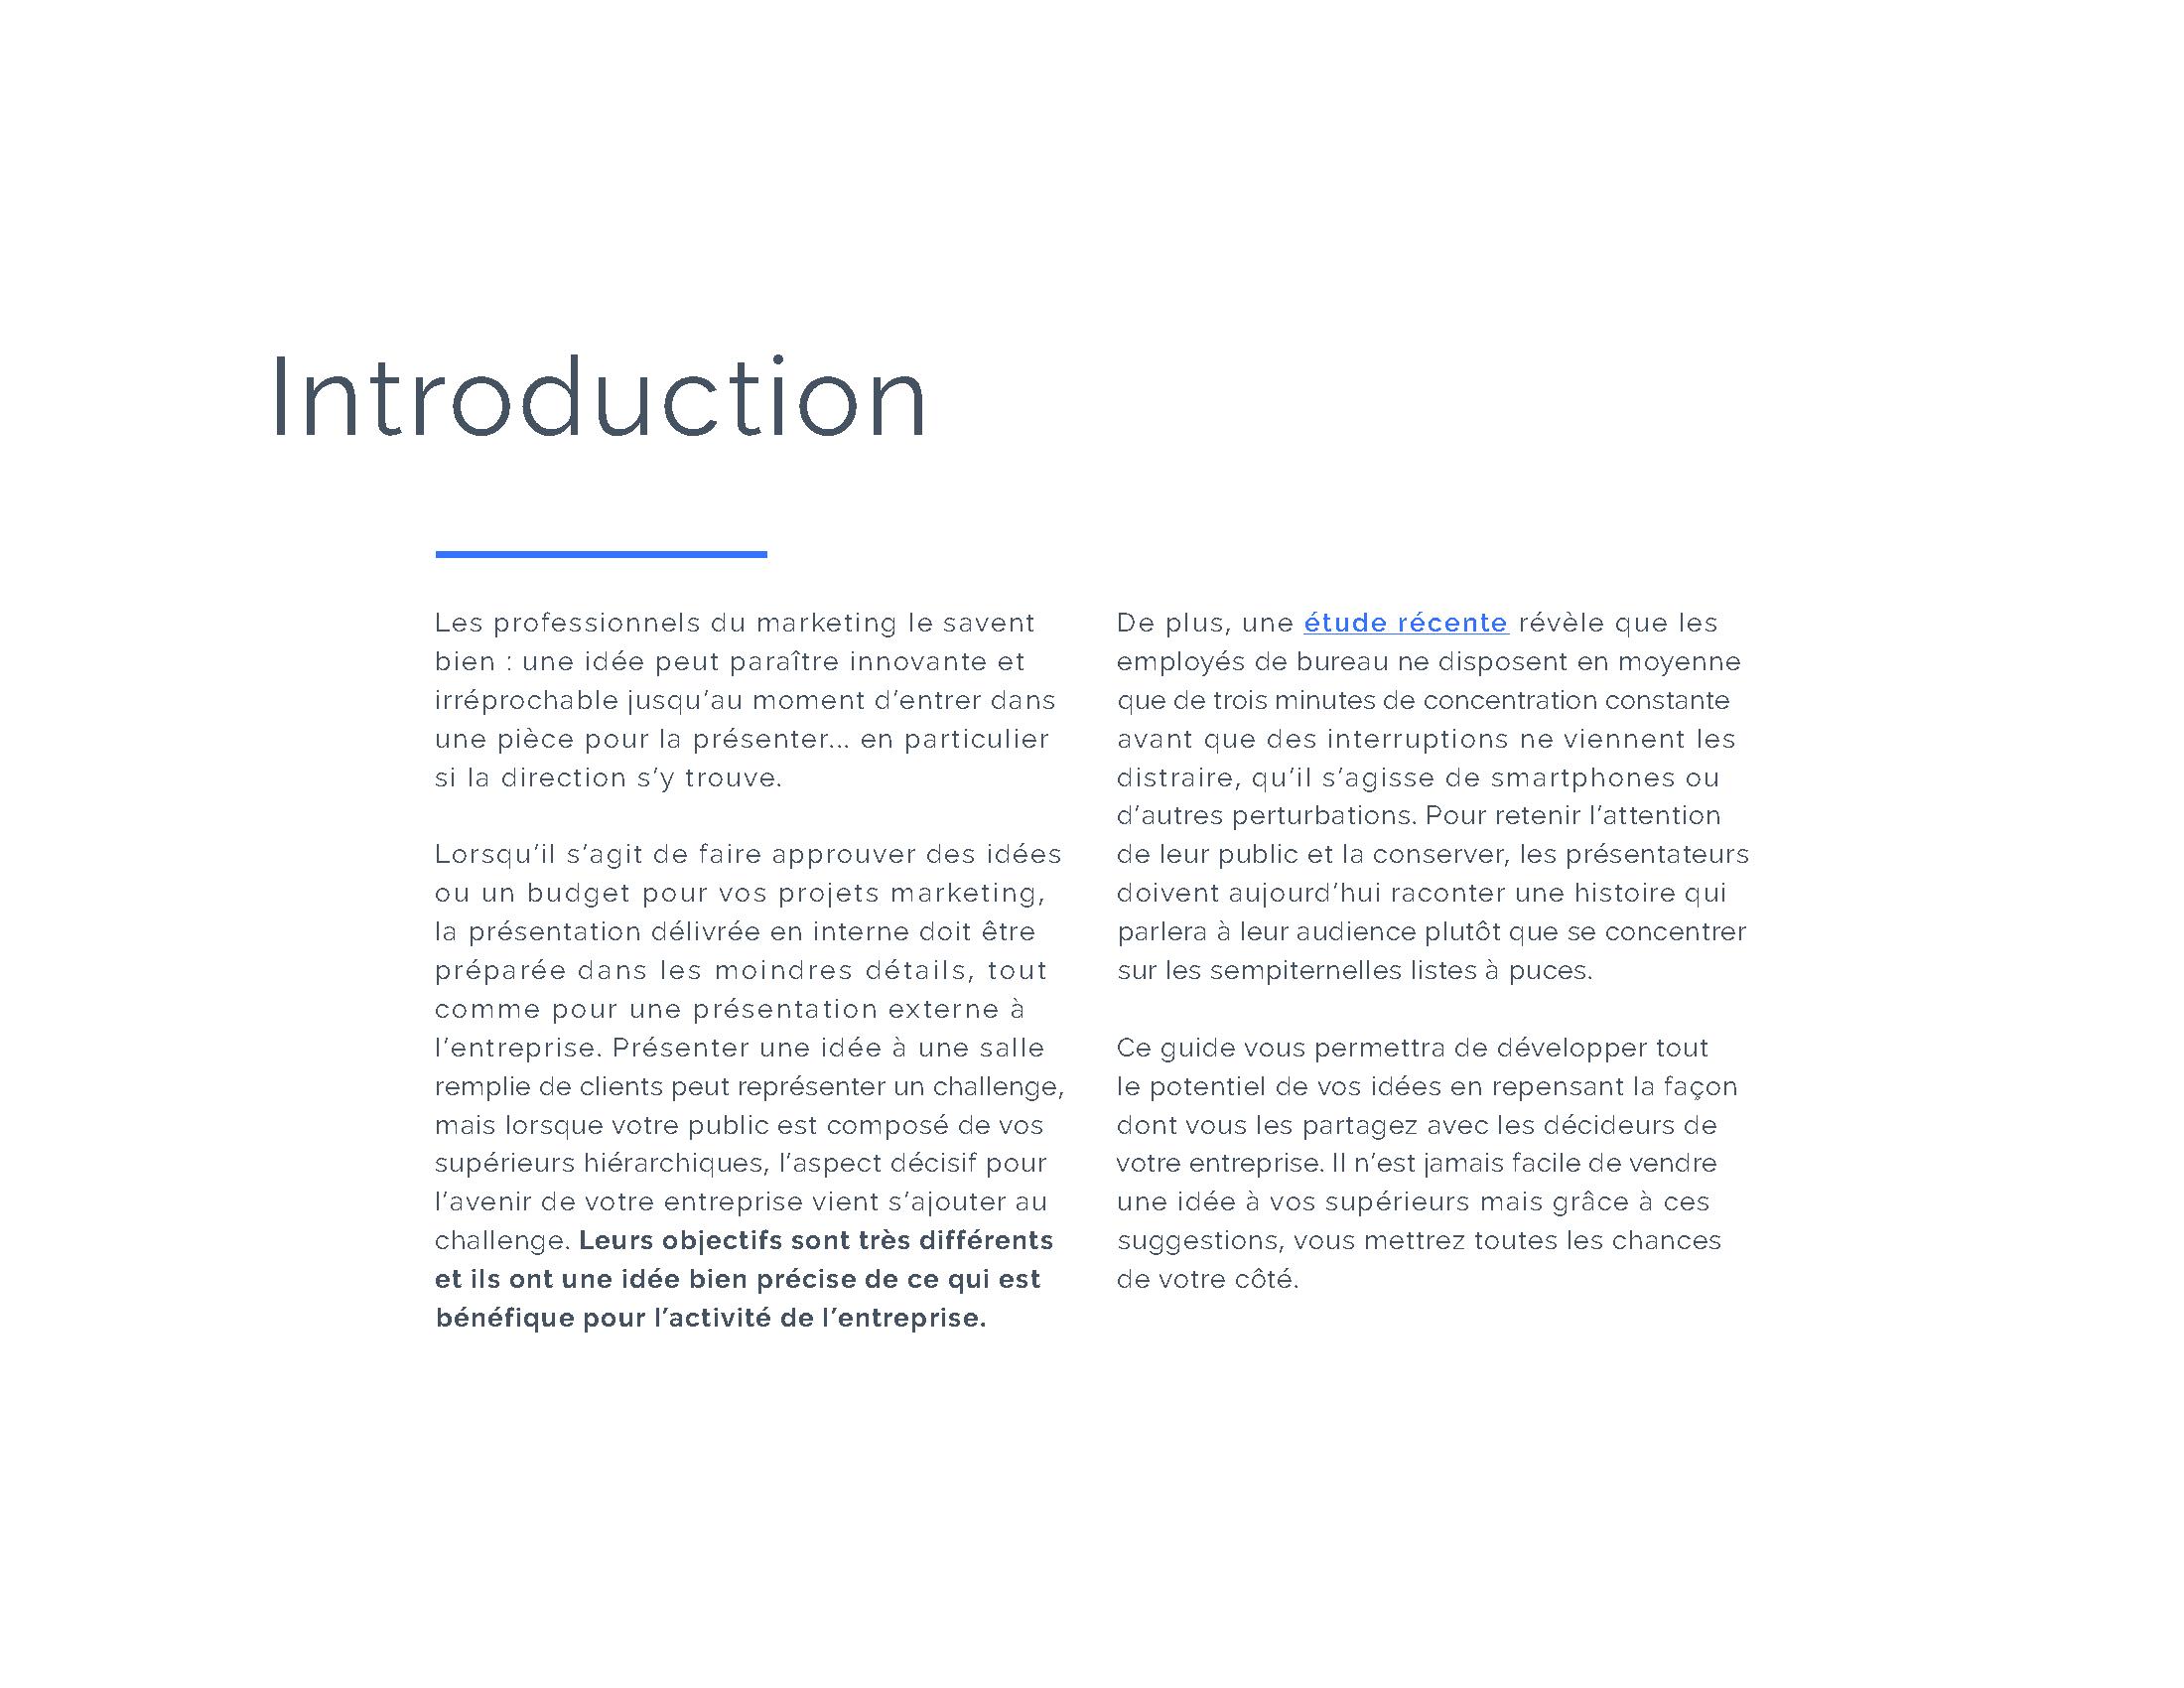 FR-Hubspot_E-book-final_Page_03.png